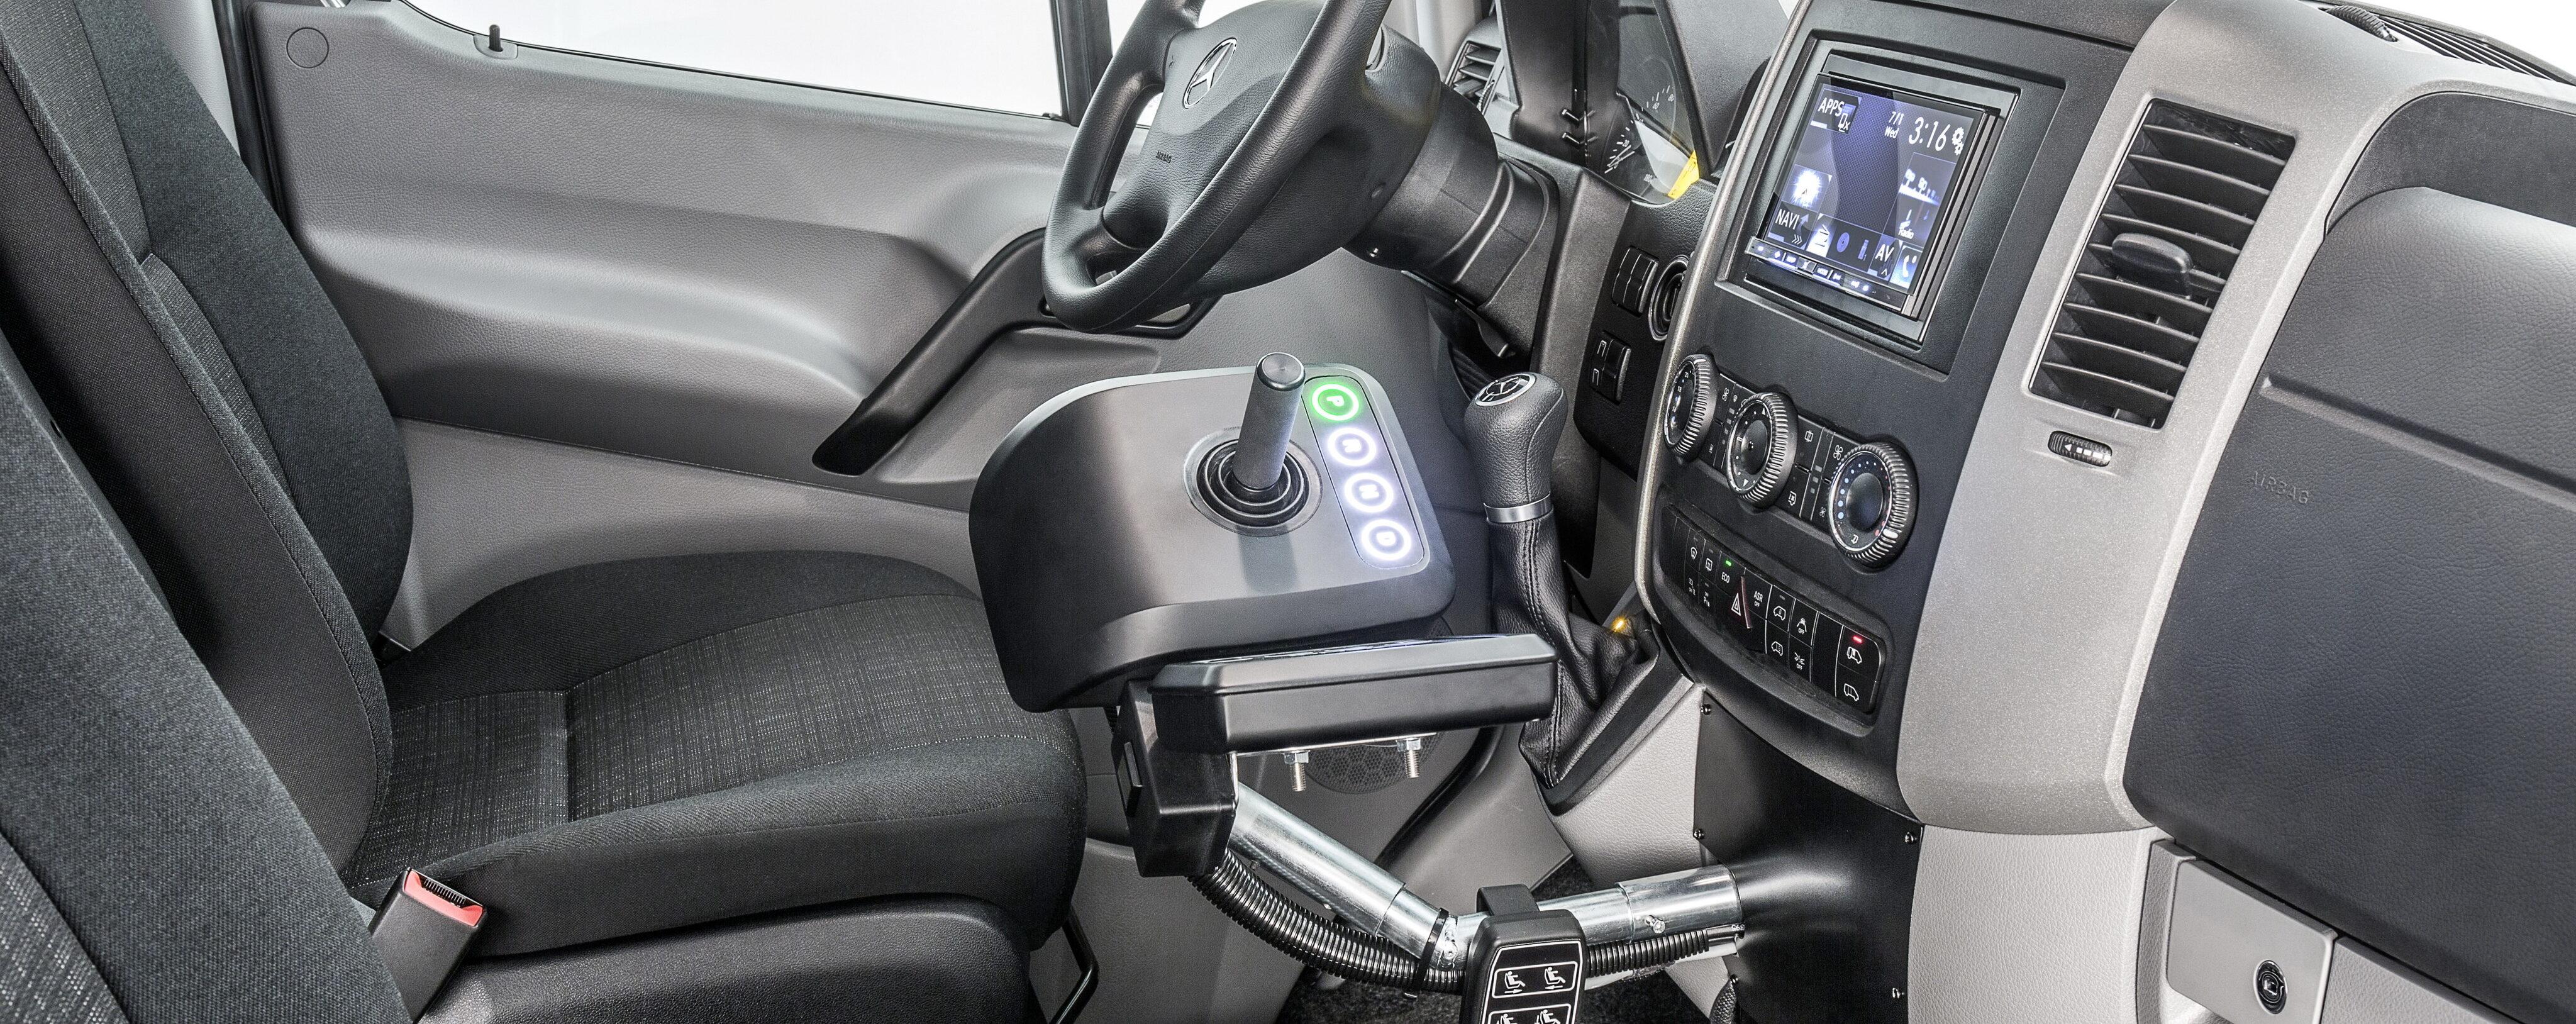 joystick driving, wheelchair van, paravan, sprinter